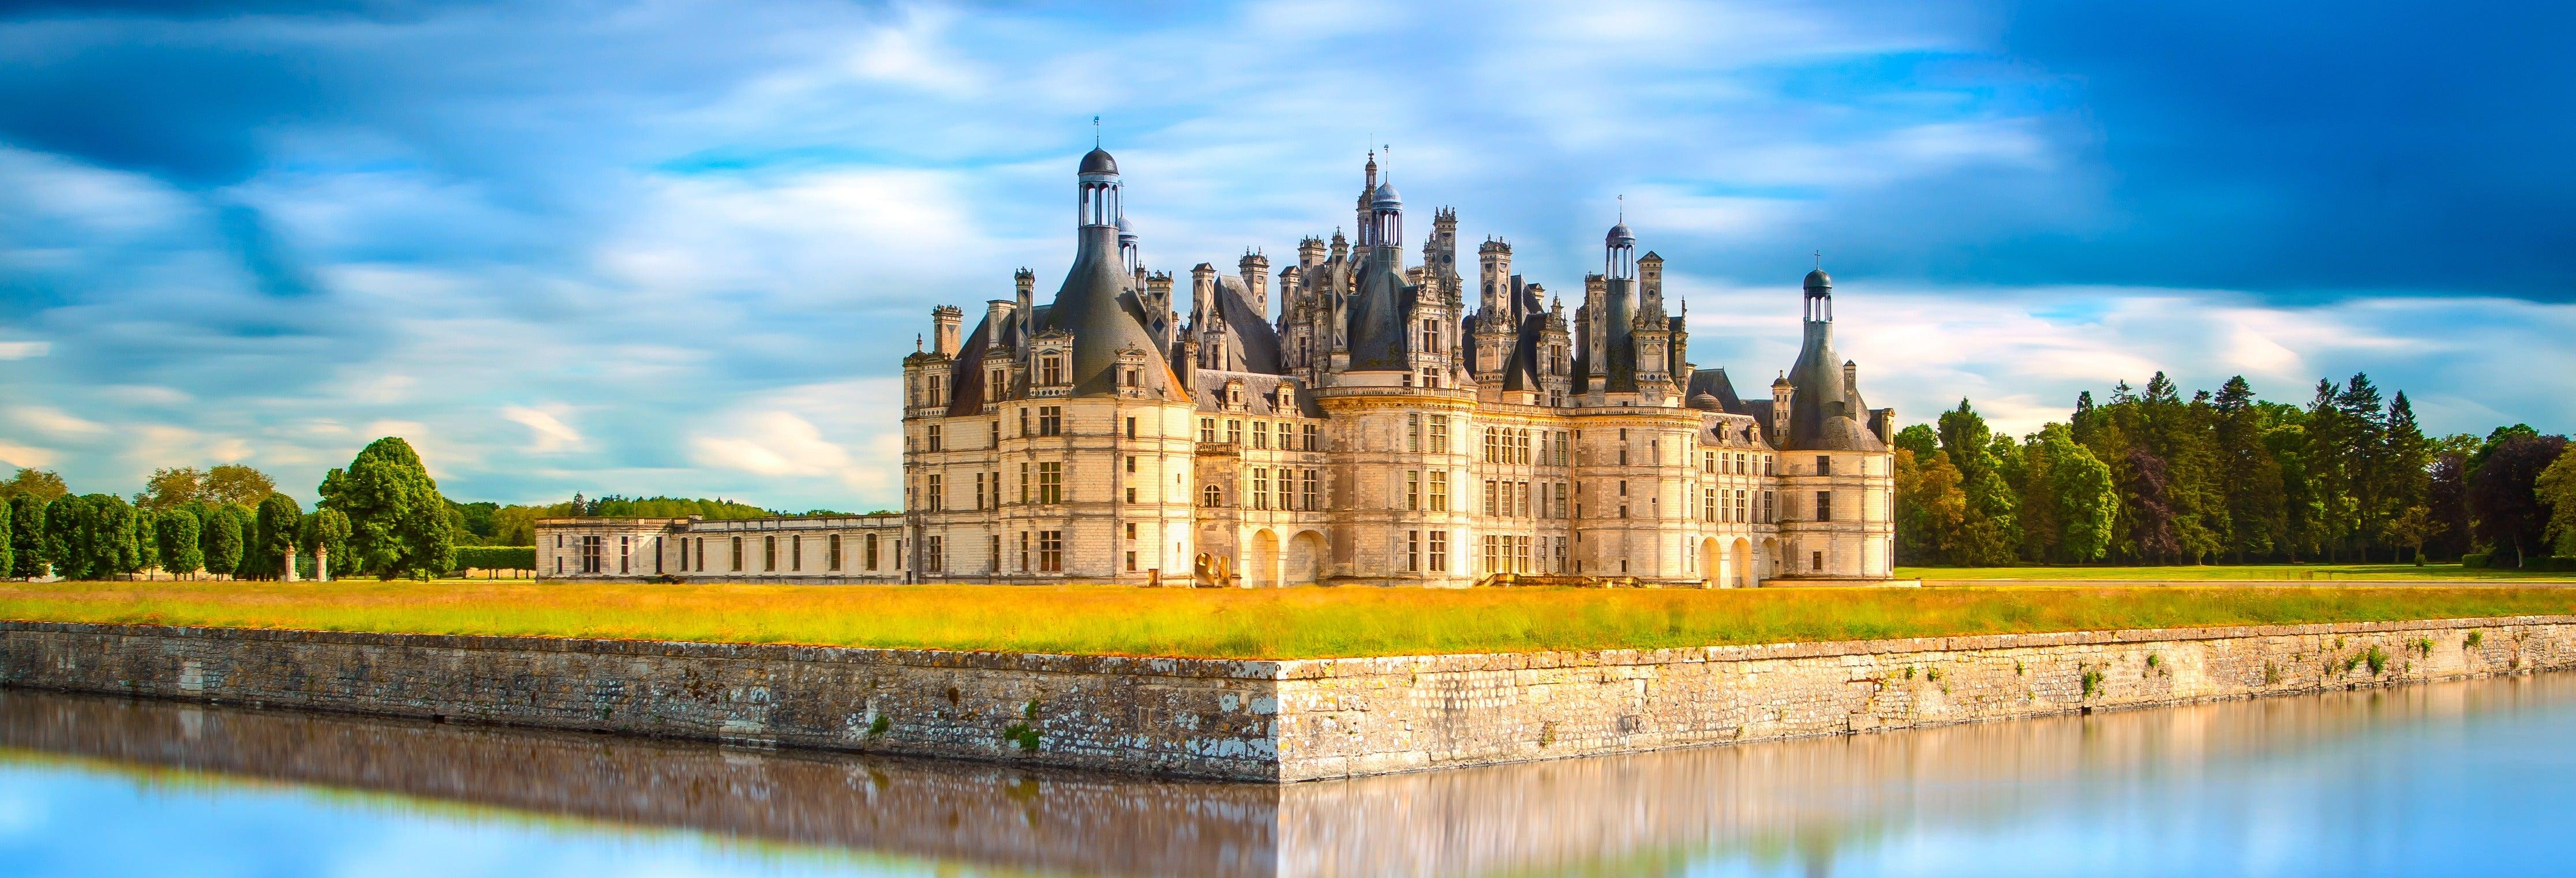 Excursion aux Châteaux de la Loire + dégustation de vins